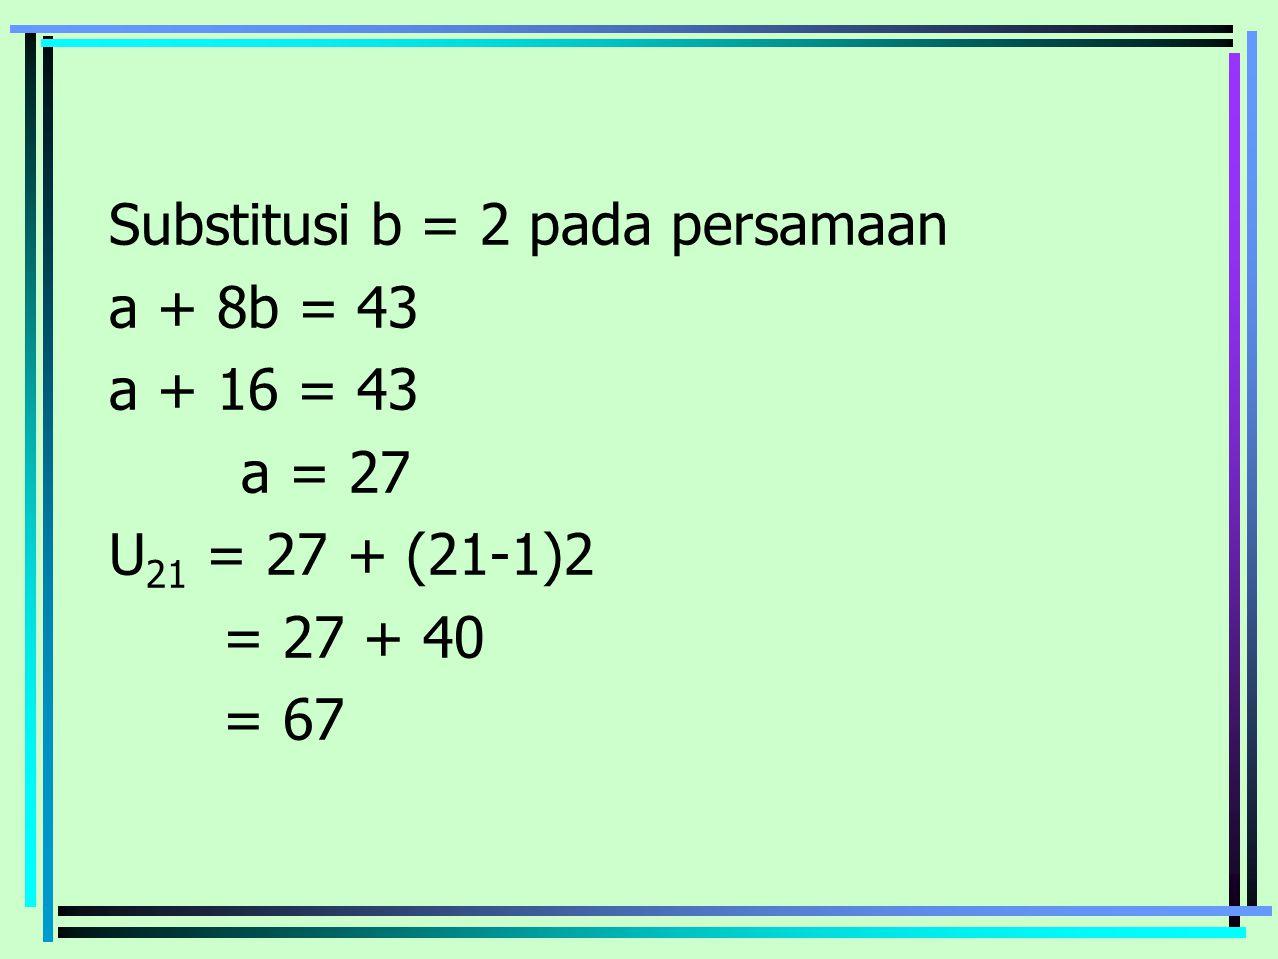 Substitusi b = 2 pada persamaan a + 8b = 43 a + 16 = 43 a = 27 U21 = 27 + (21-1)2 = 27 + 40 = 67